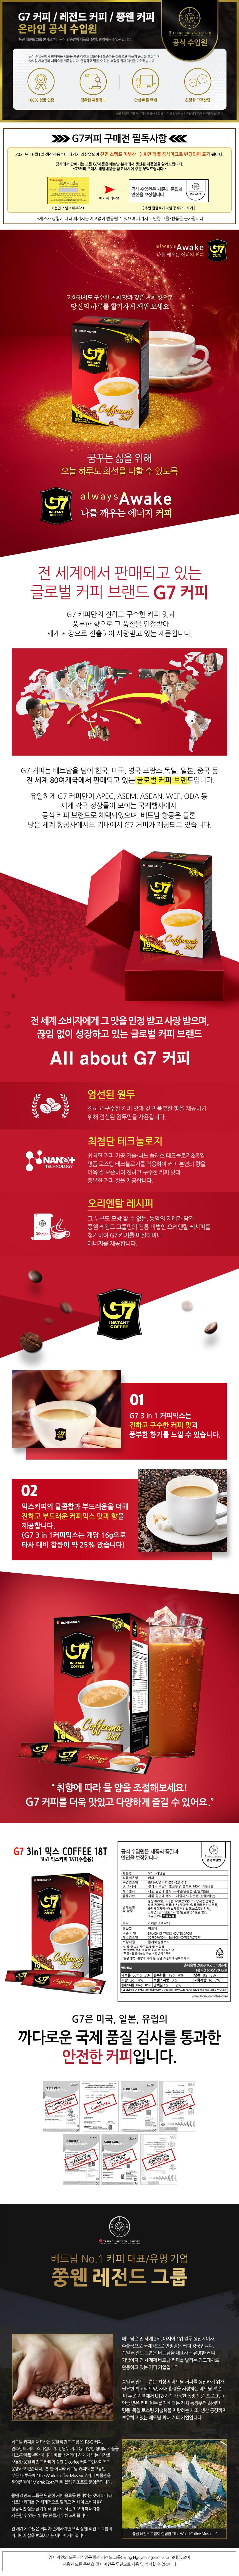 g7커피3in1 18t(수출용) - 봉지커피, 2,500원, 커피, 커피믹스/인스턴트커피